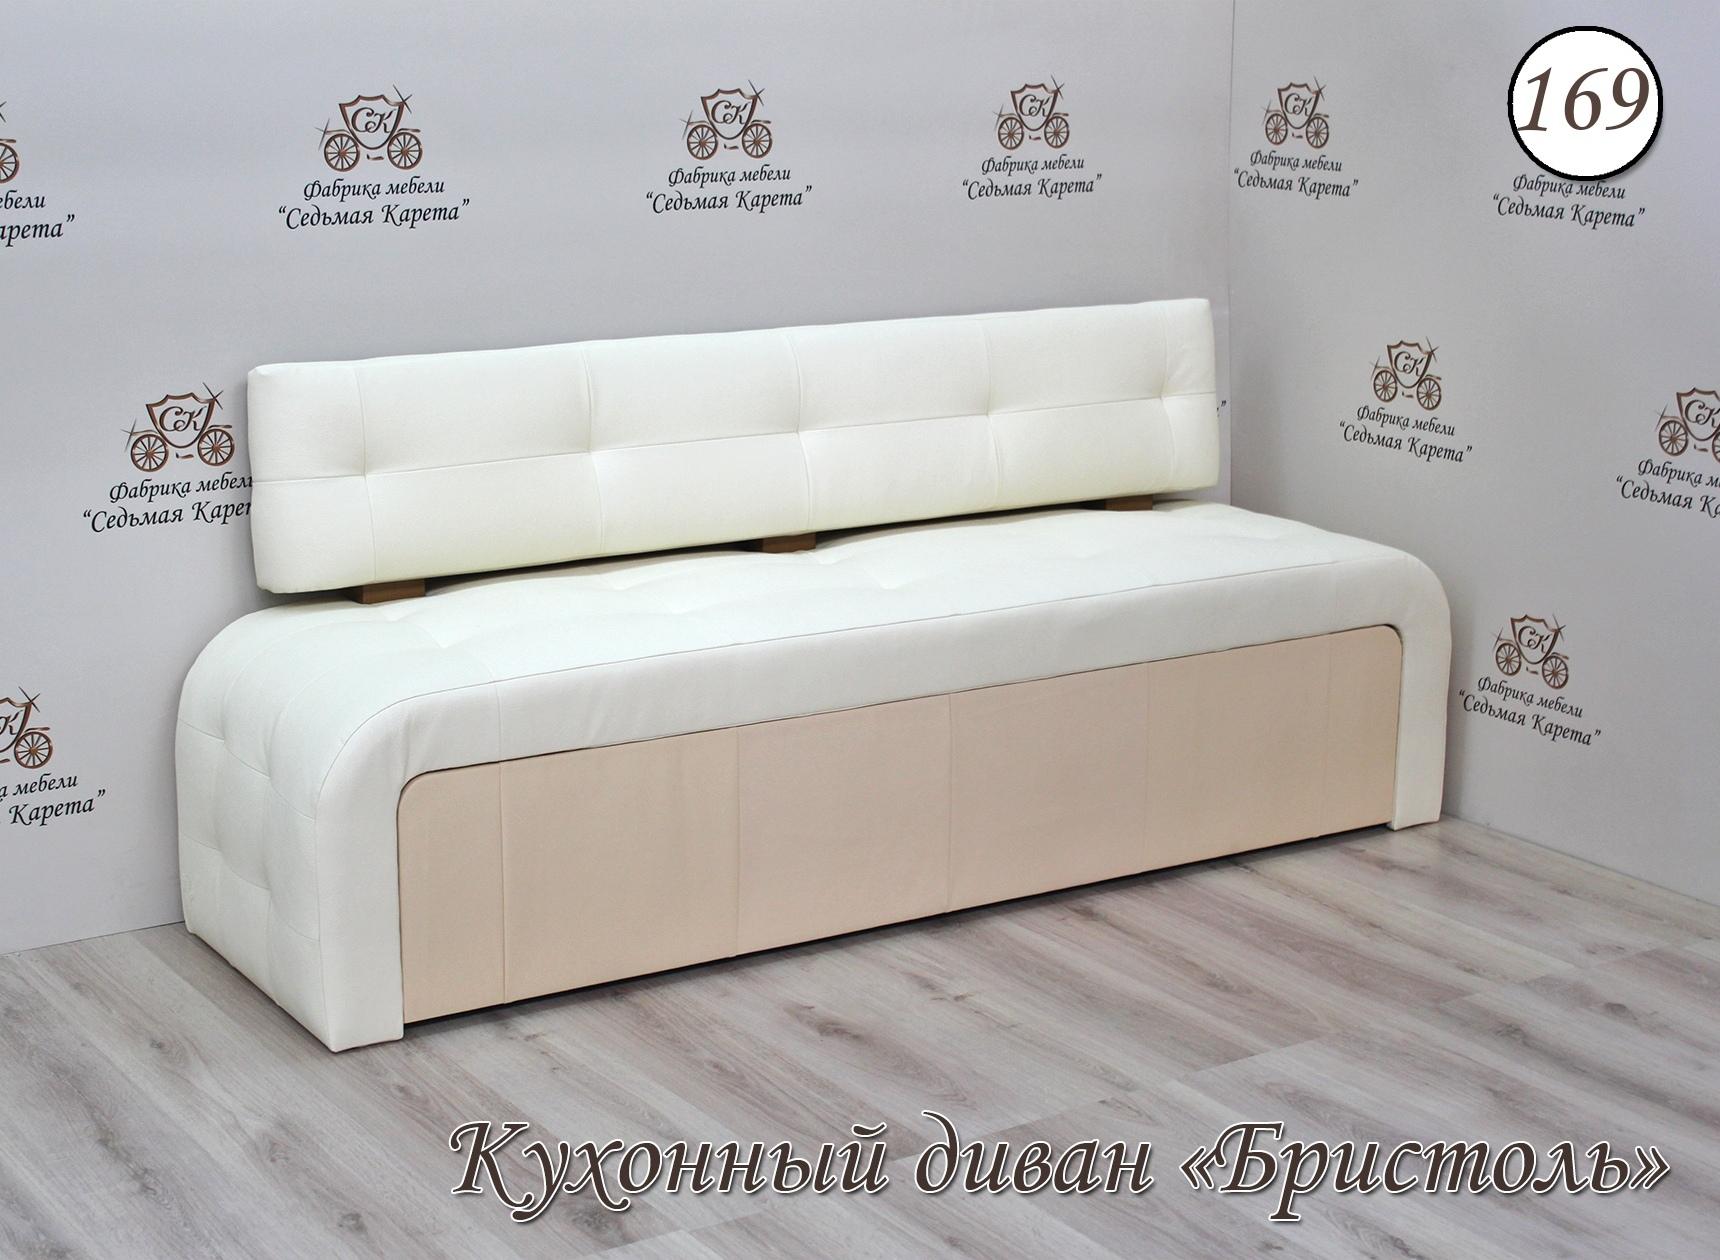 Кухонный диван Бристоль-169 — Кухонный диван Бристоль